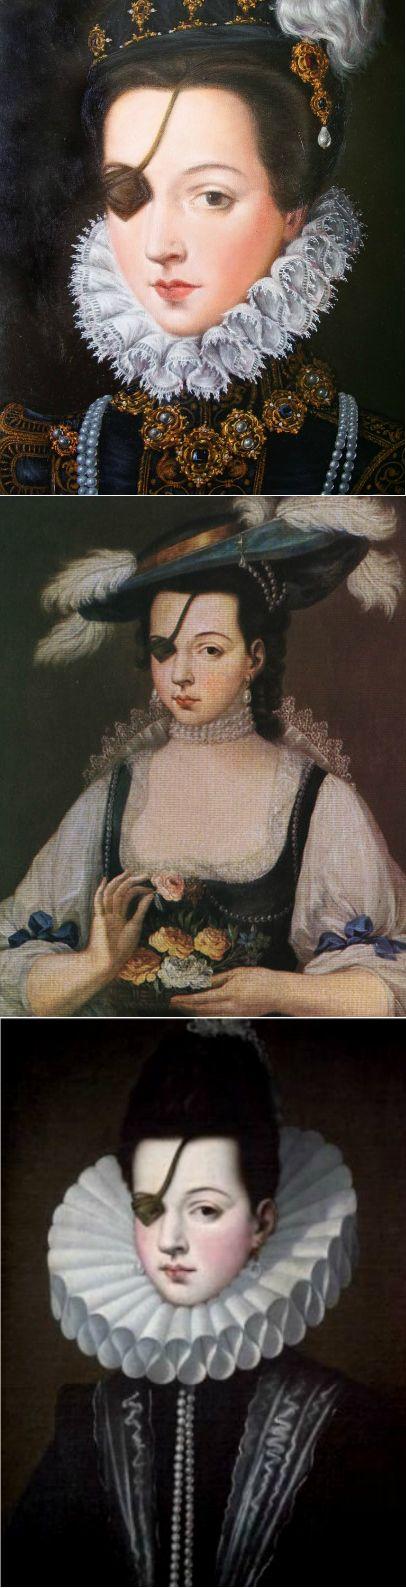 Ana de Mendoza (Doña Ana de Mendoza y de la Cerda, Princess of Eboli, Duchess of…